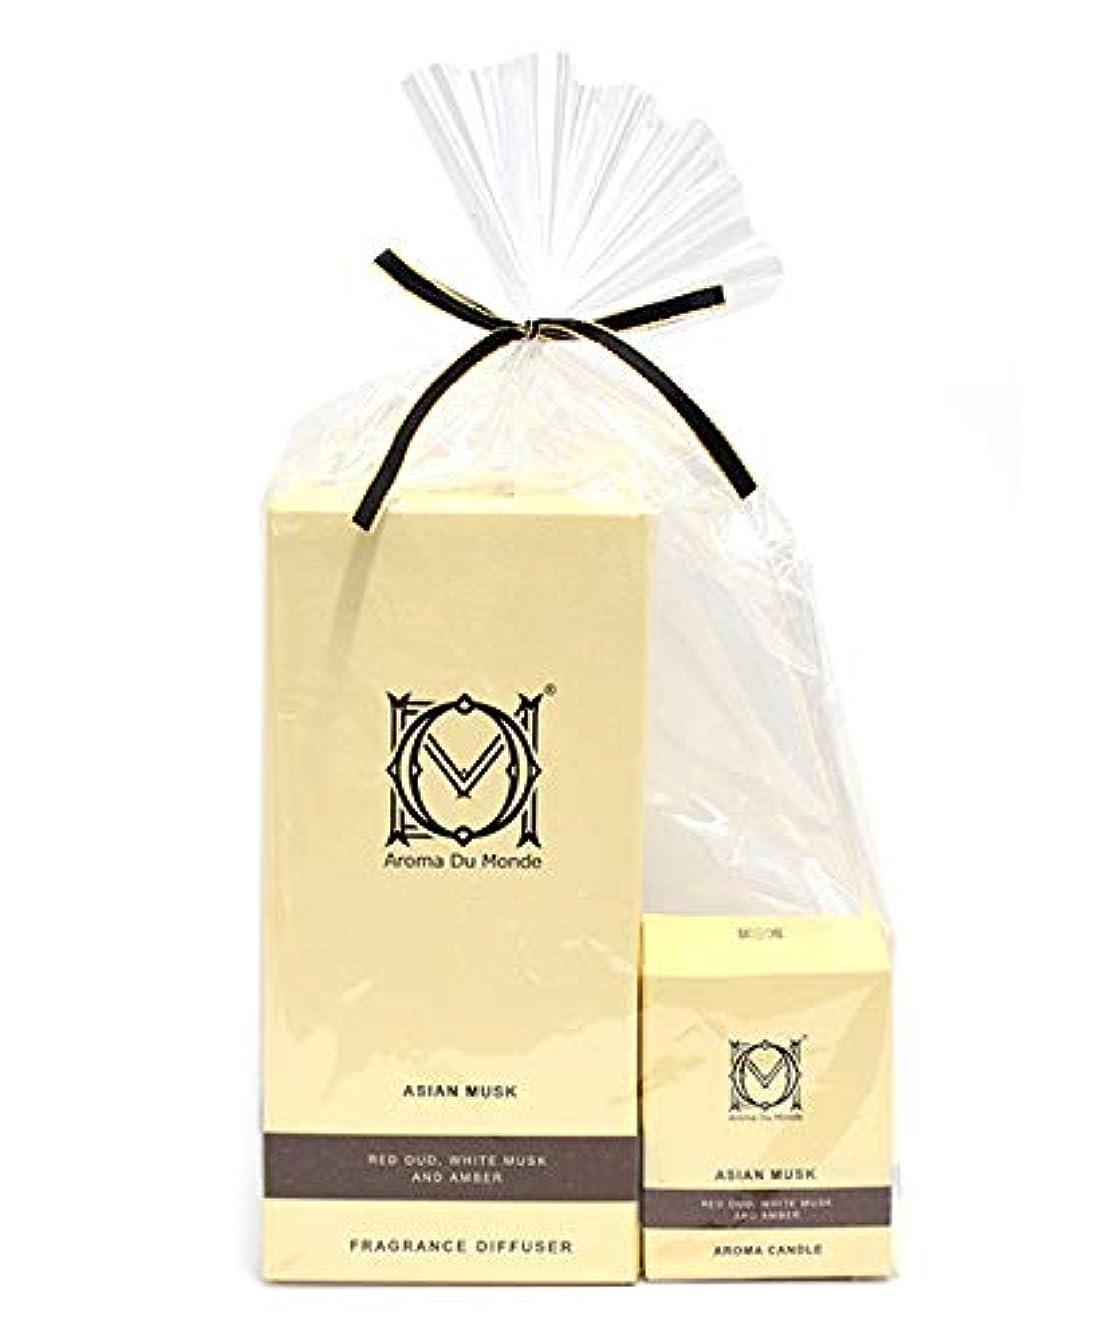 海峡陽気な促すフレグランスディフューザー&キャンドル アジアンムスク セット Aroma Du Monde/ADM Fragrance Diffuser & Candle Asian Musk Set 81157